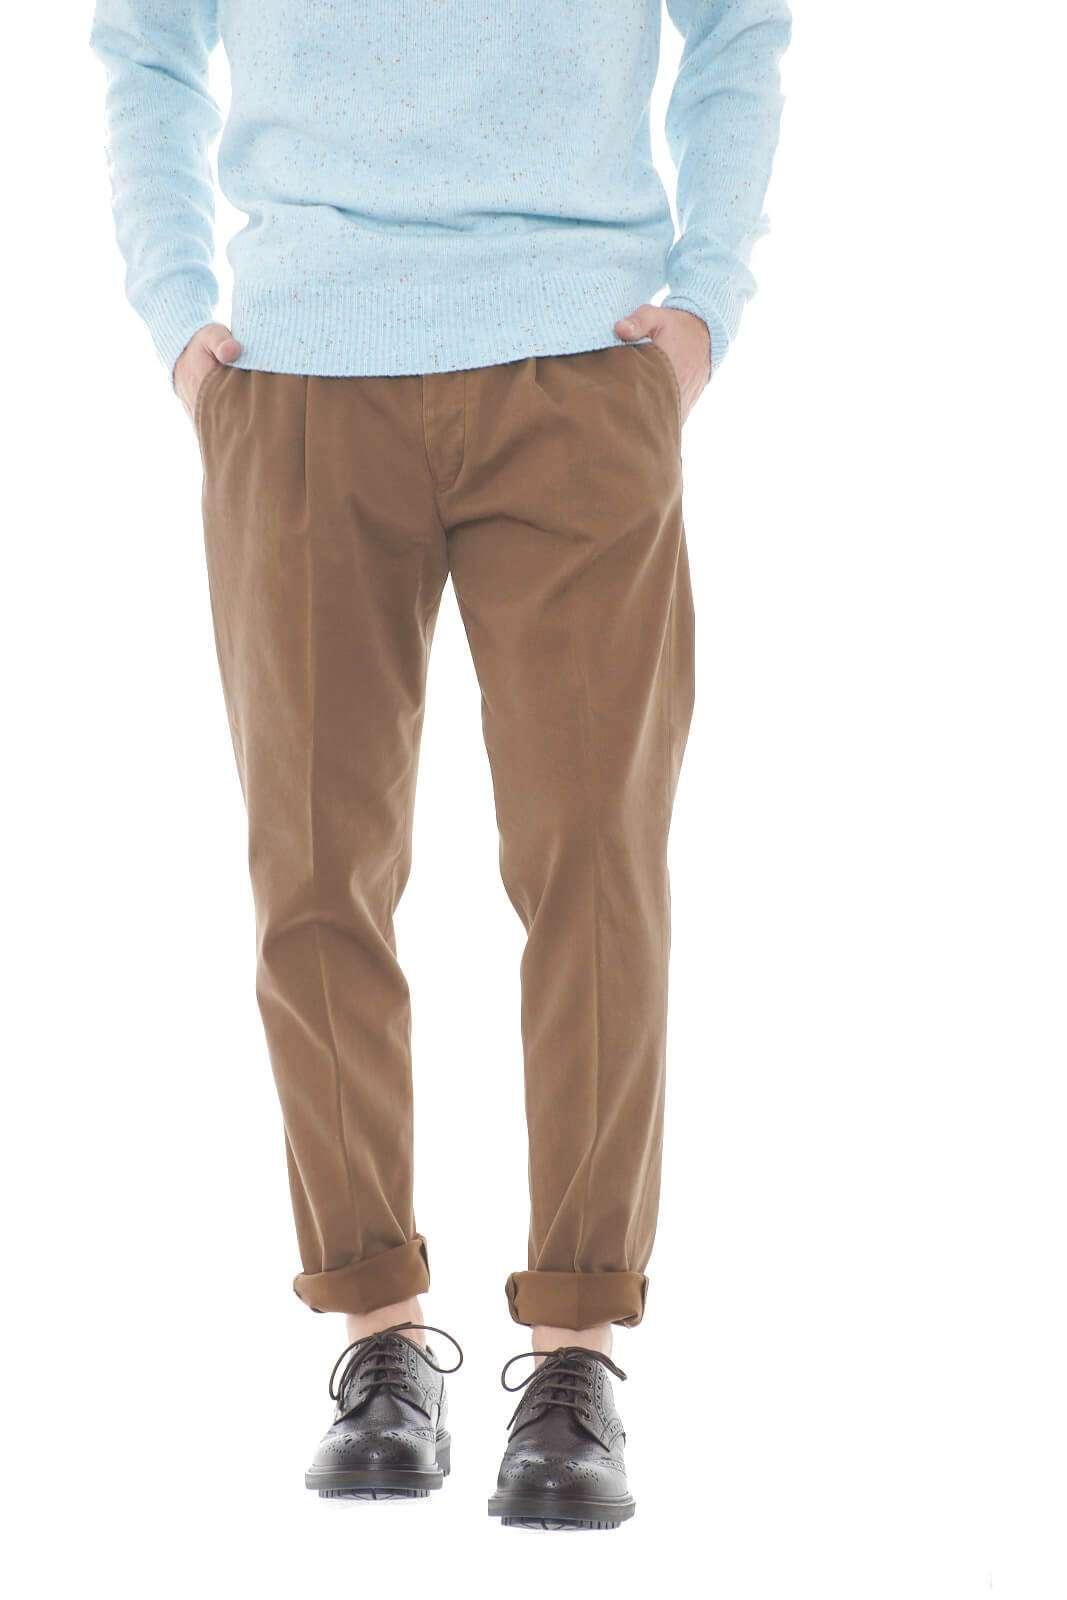 Eleganza e stile per il modello LAWRENCE 2763 firmato Michael Coal. Perfetto per le occasioni più formali, da indossare con giacca e camicia, per look sempre impeccabili.  Il modello è alto 1,80m e indossa la taglia 48.